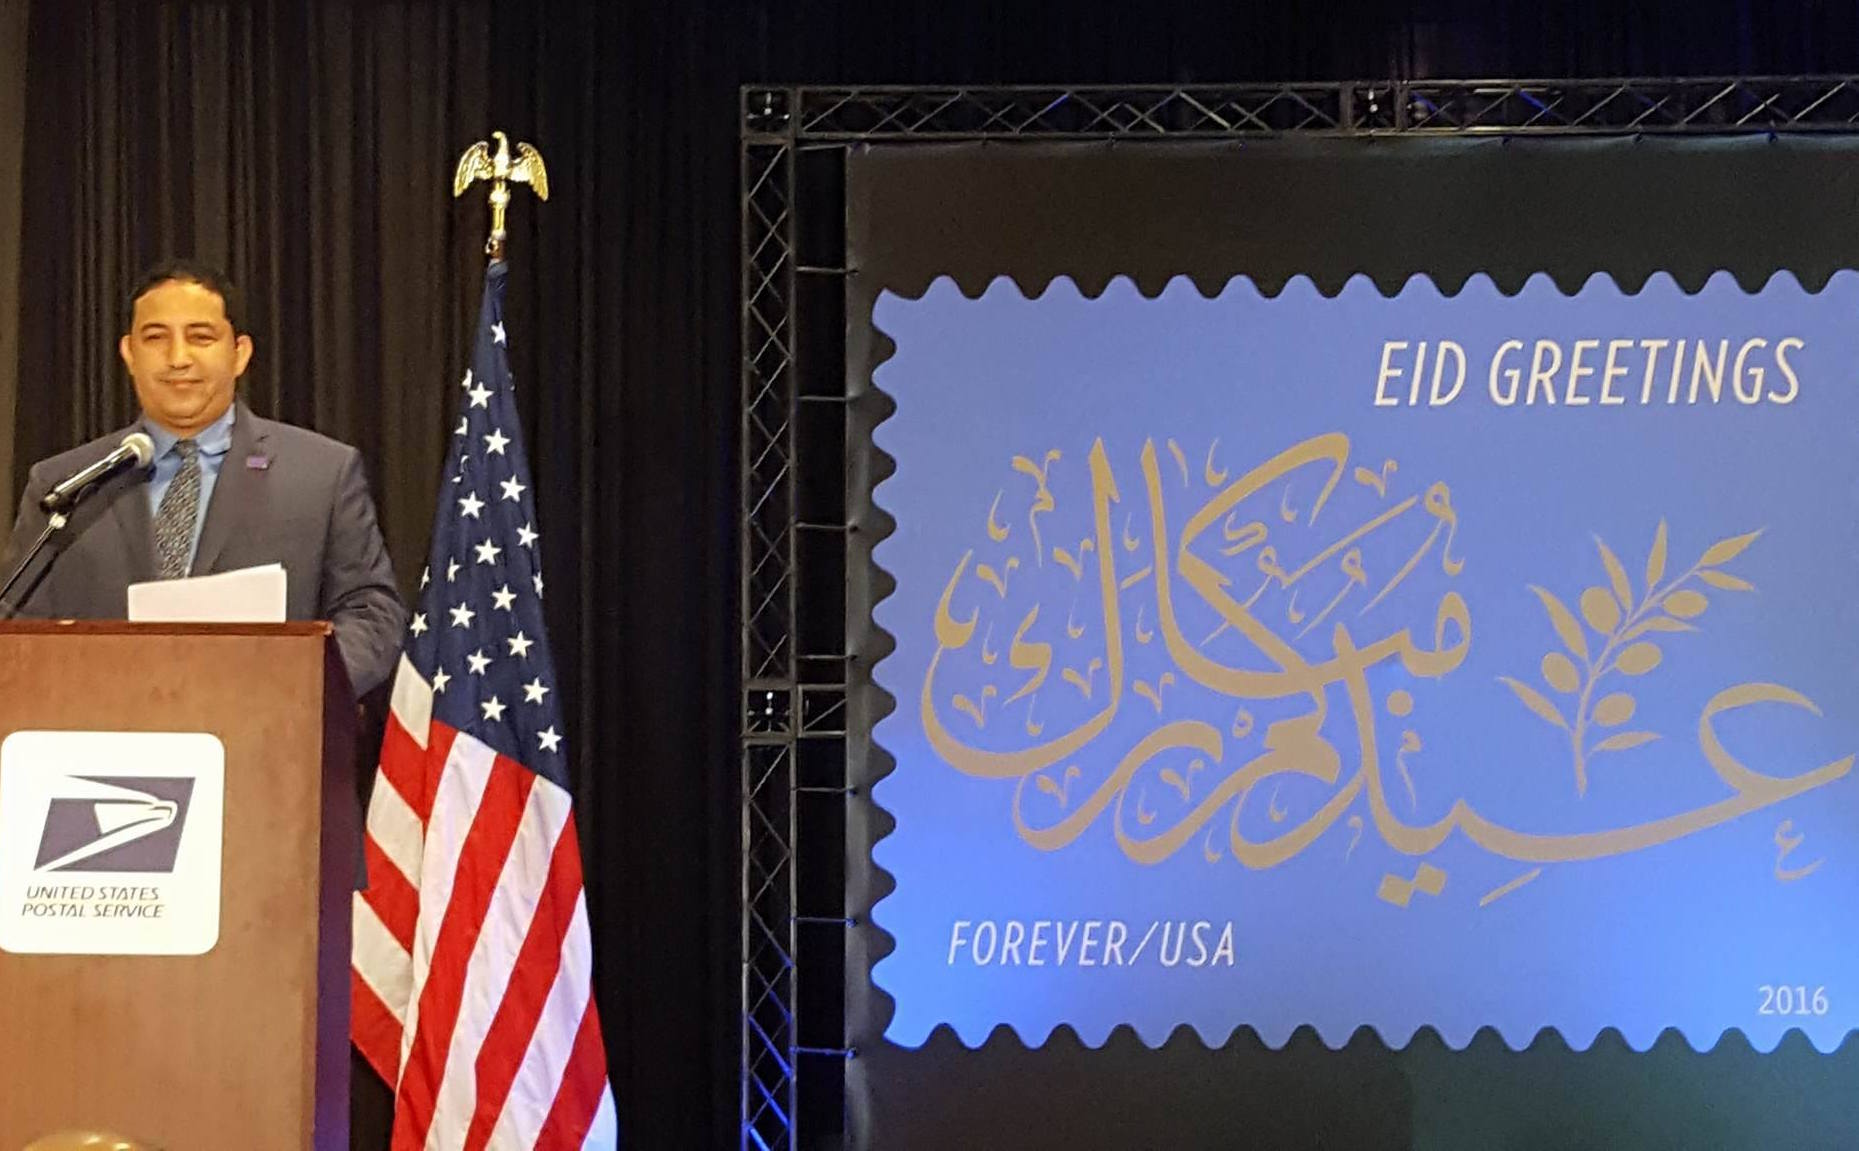 Eid greetings Stamps